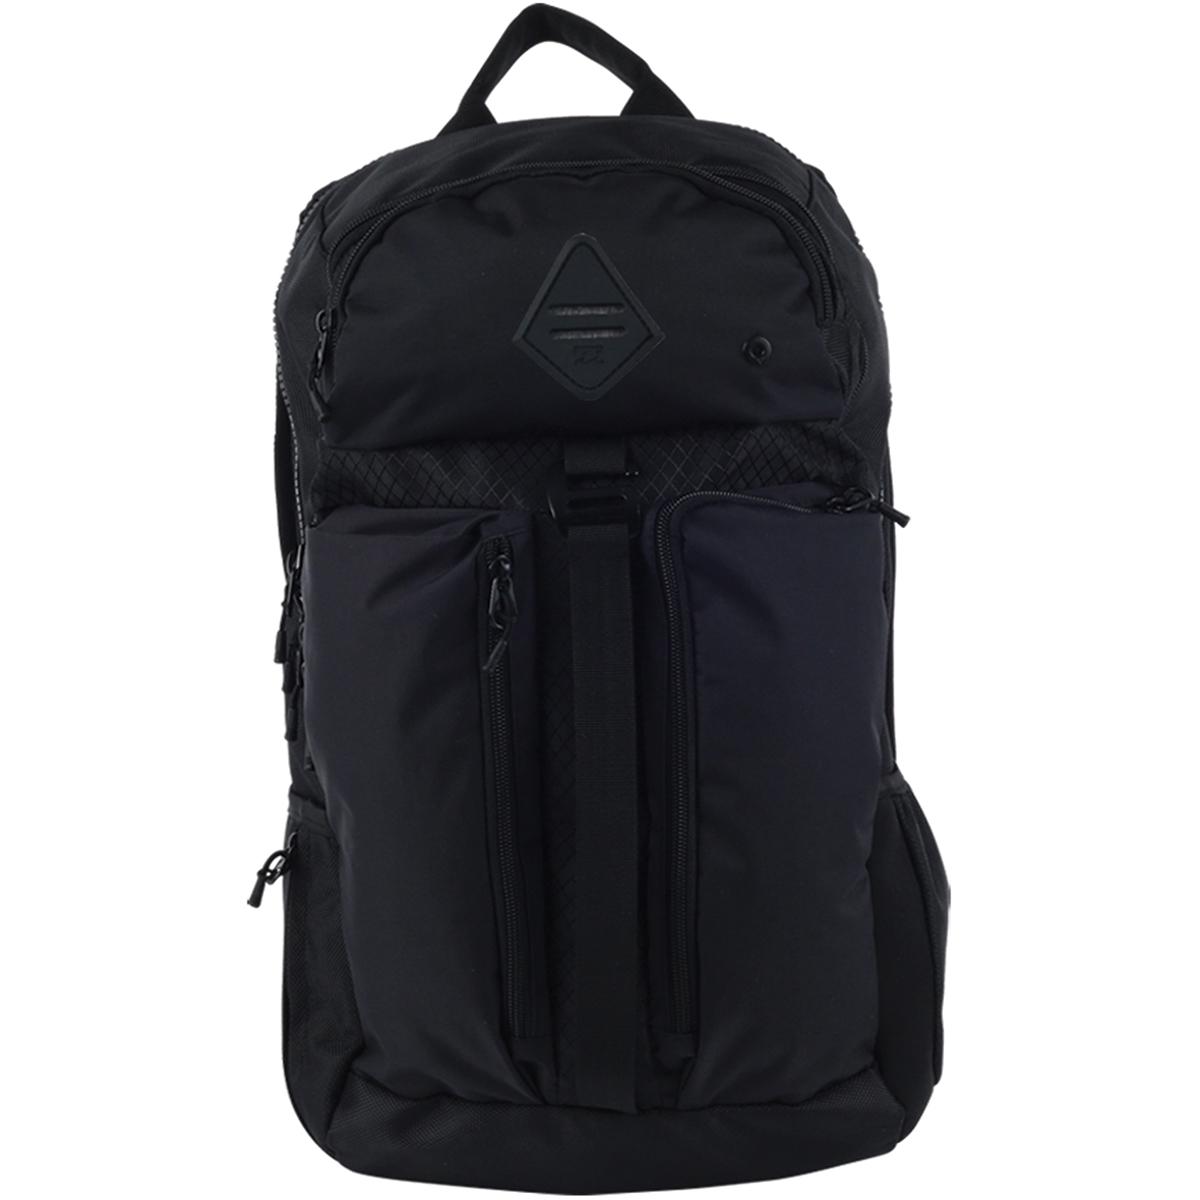 Рюкзак городской мужской Billabong Vector Pack, цвет: ярко-черный, 30 л. Z5BP09Z5BP09Многофункциональный рюкзак с большим кол-вом карманов, вместительное главное отделение, карман под ноутбук.